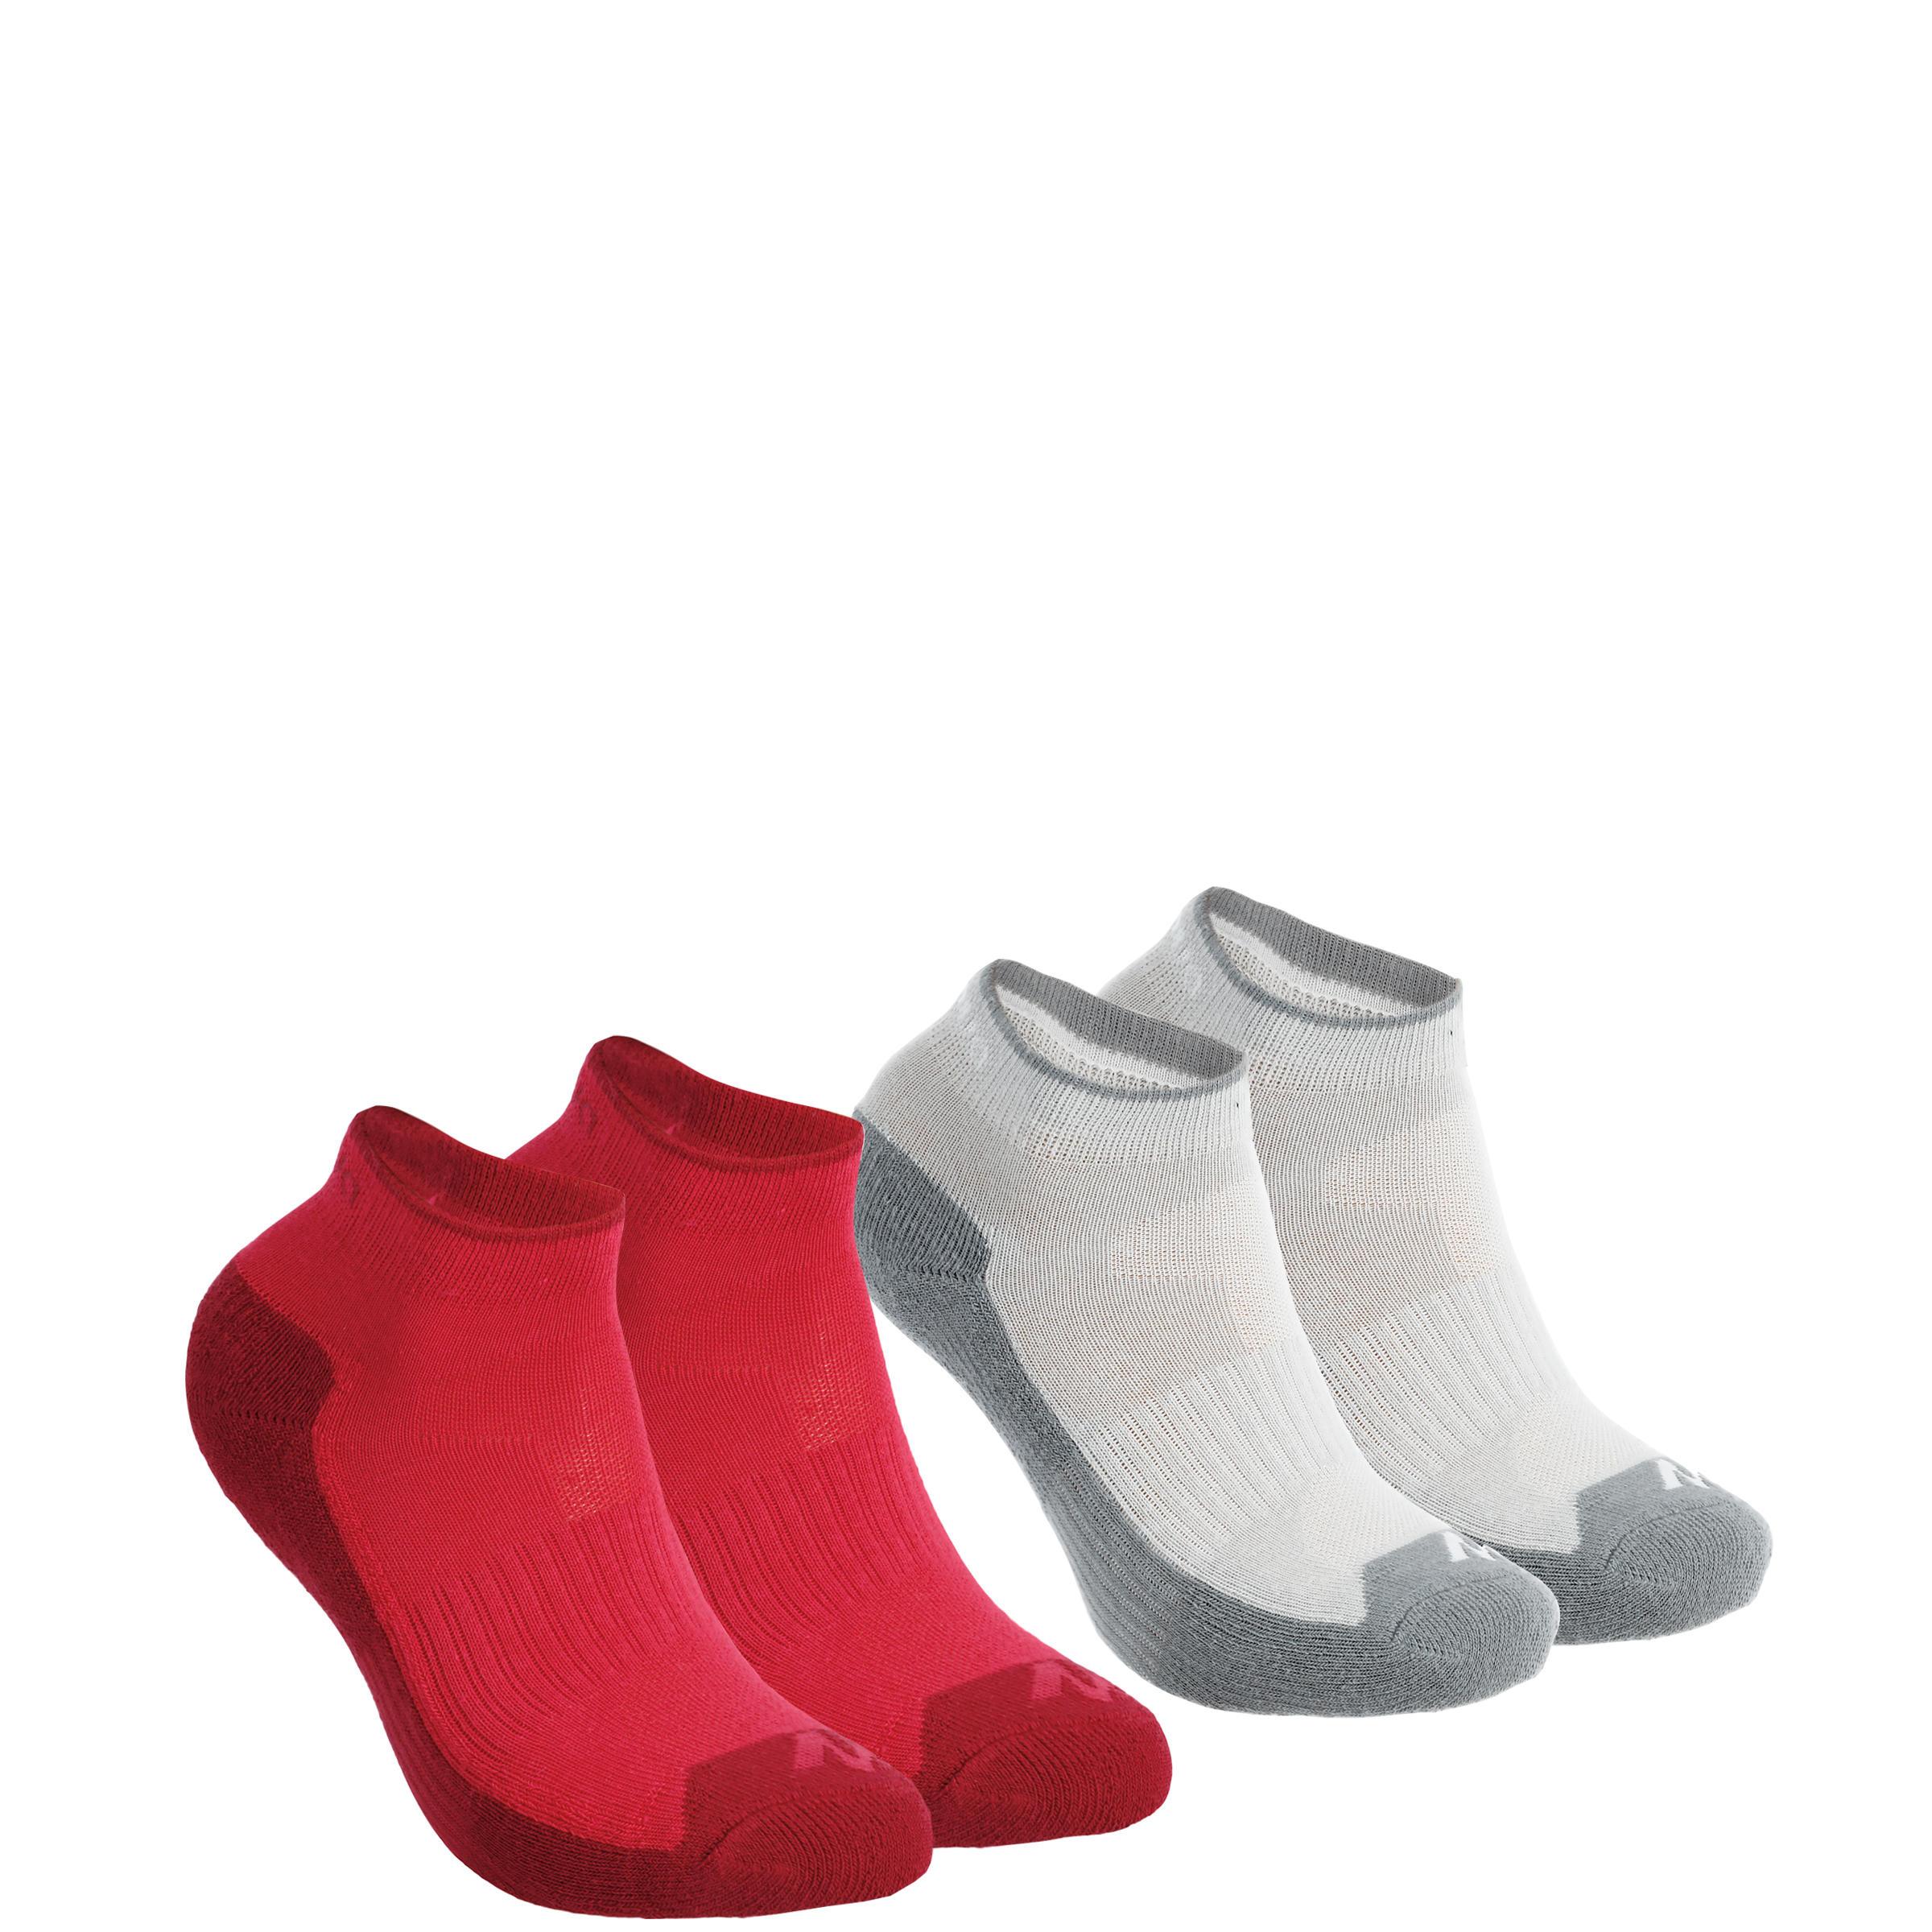 Chaussettes de randonnée enfant Arpenaz 50 tiges mi-hautes Rose/Gris x 2 paires.